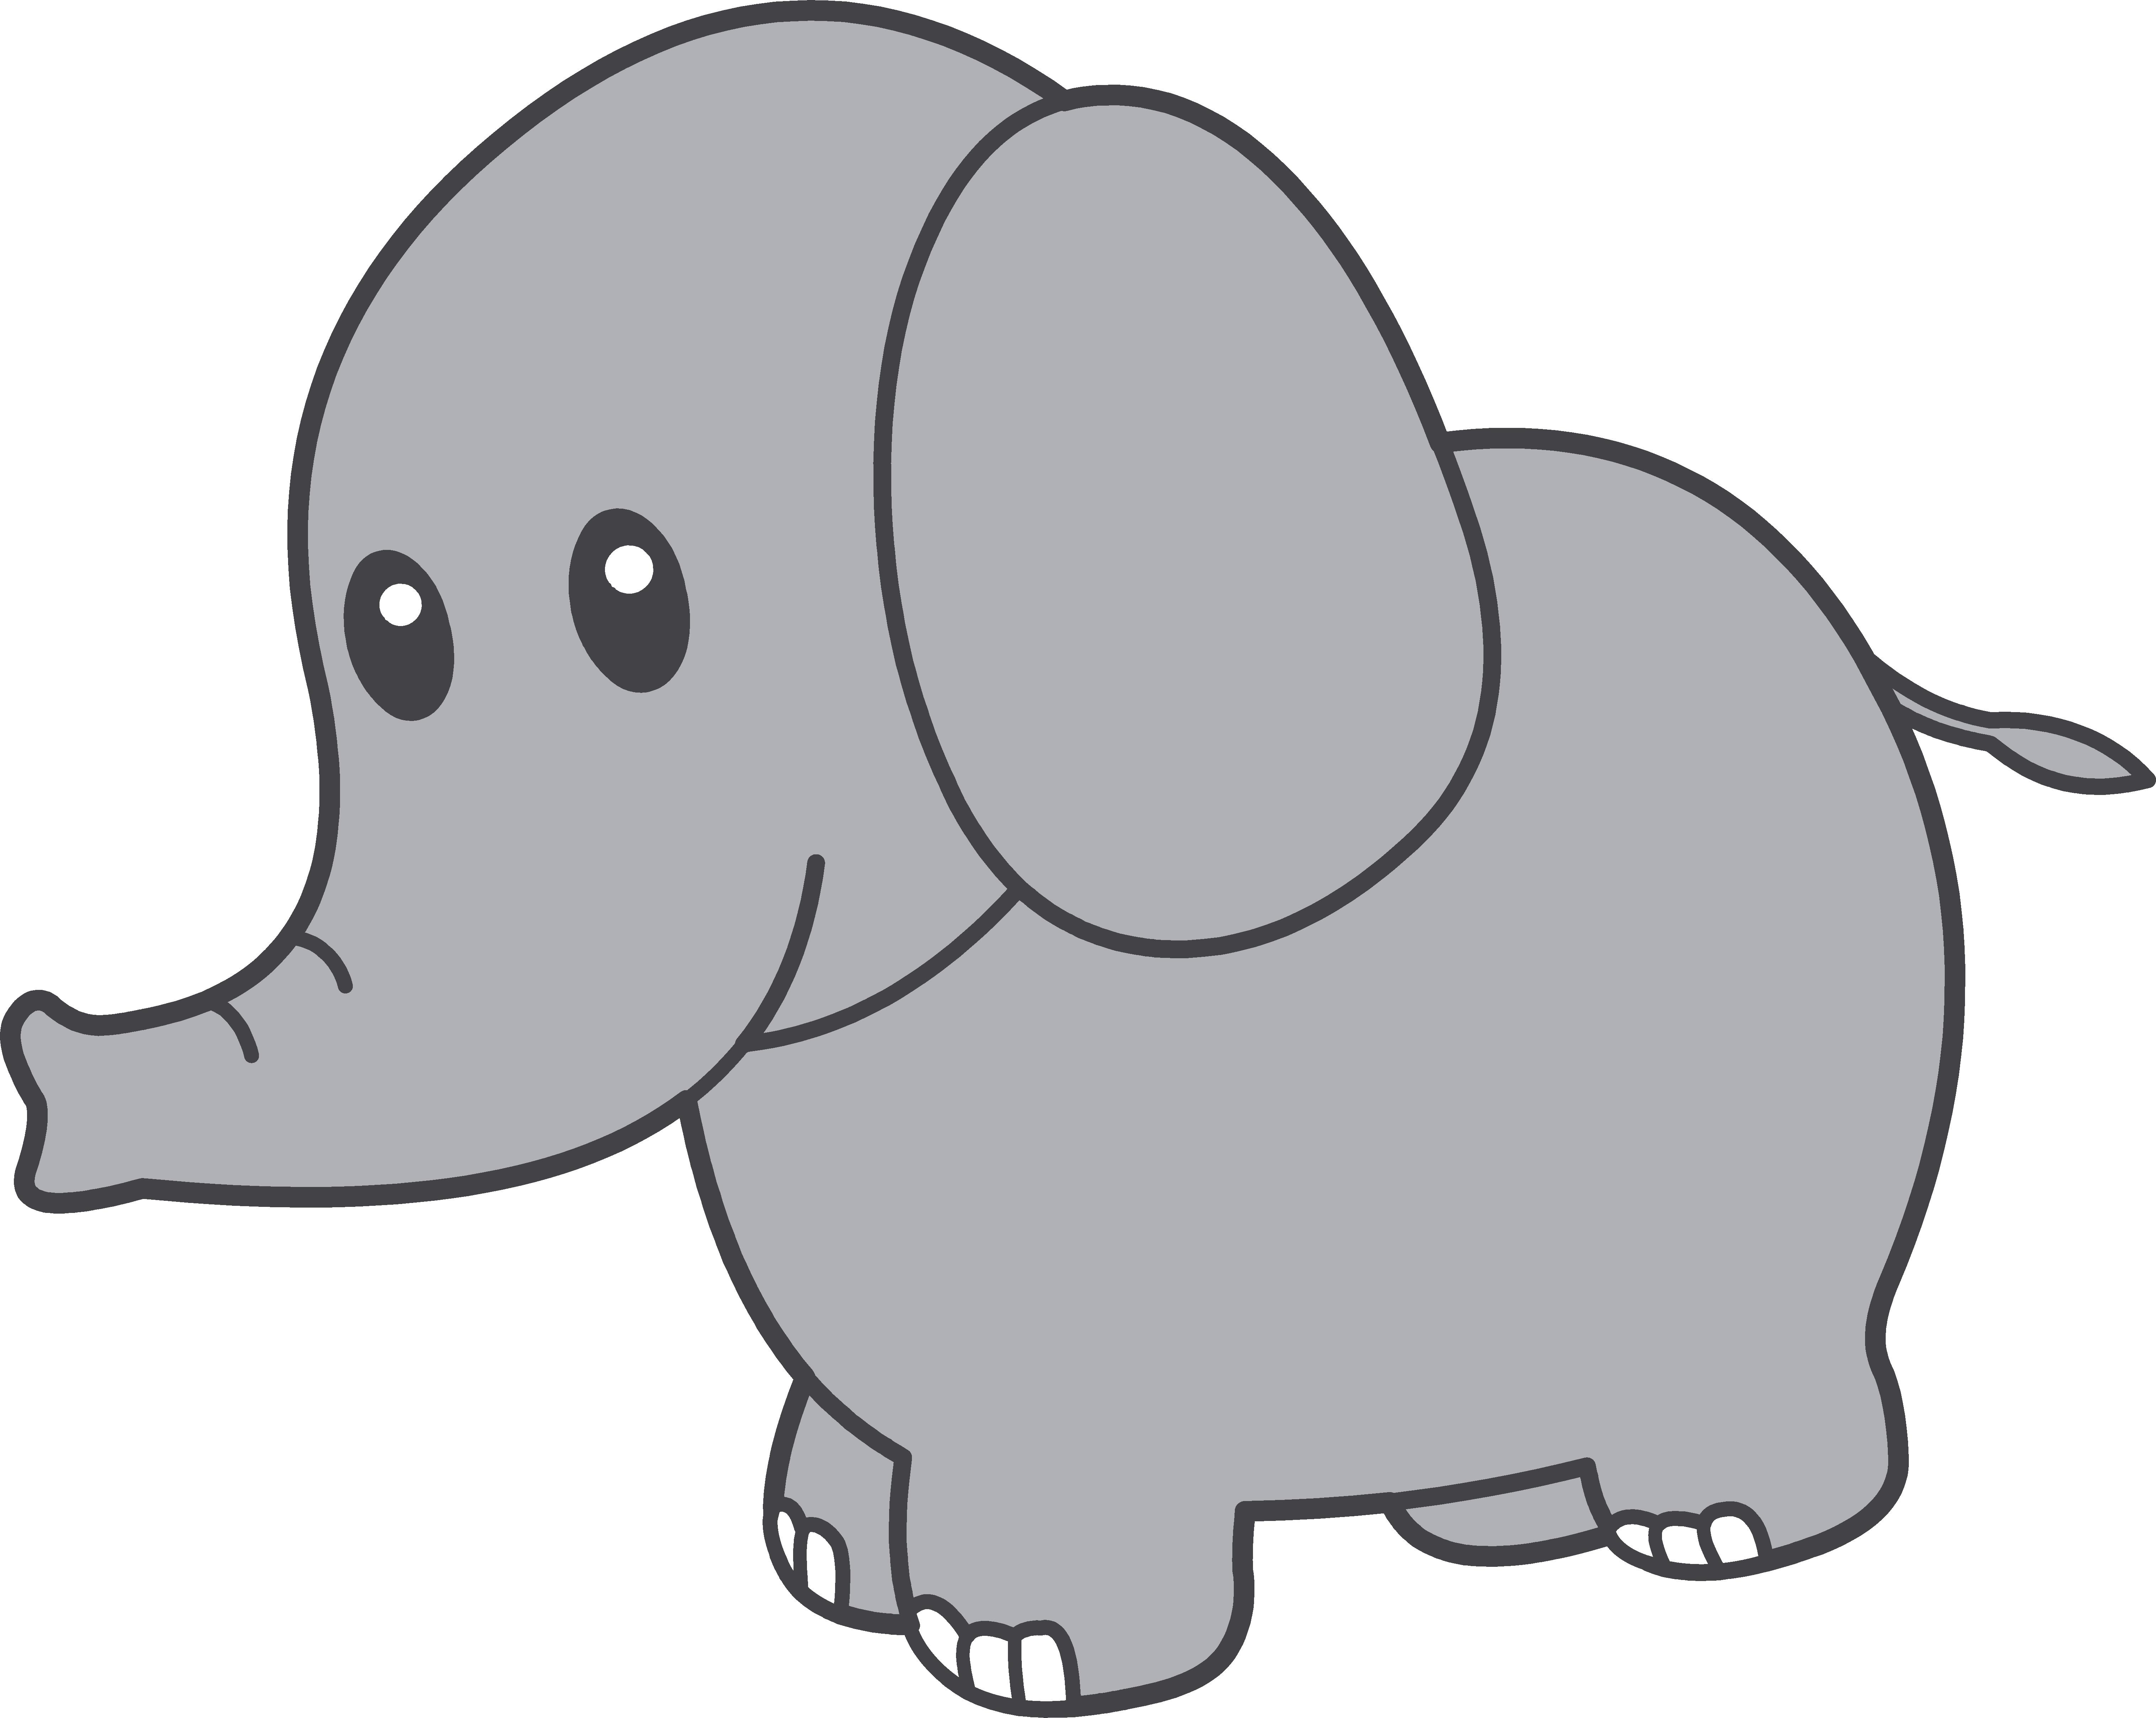 6062x4830 Trunk Clipart Grey Elephant